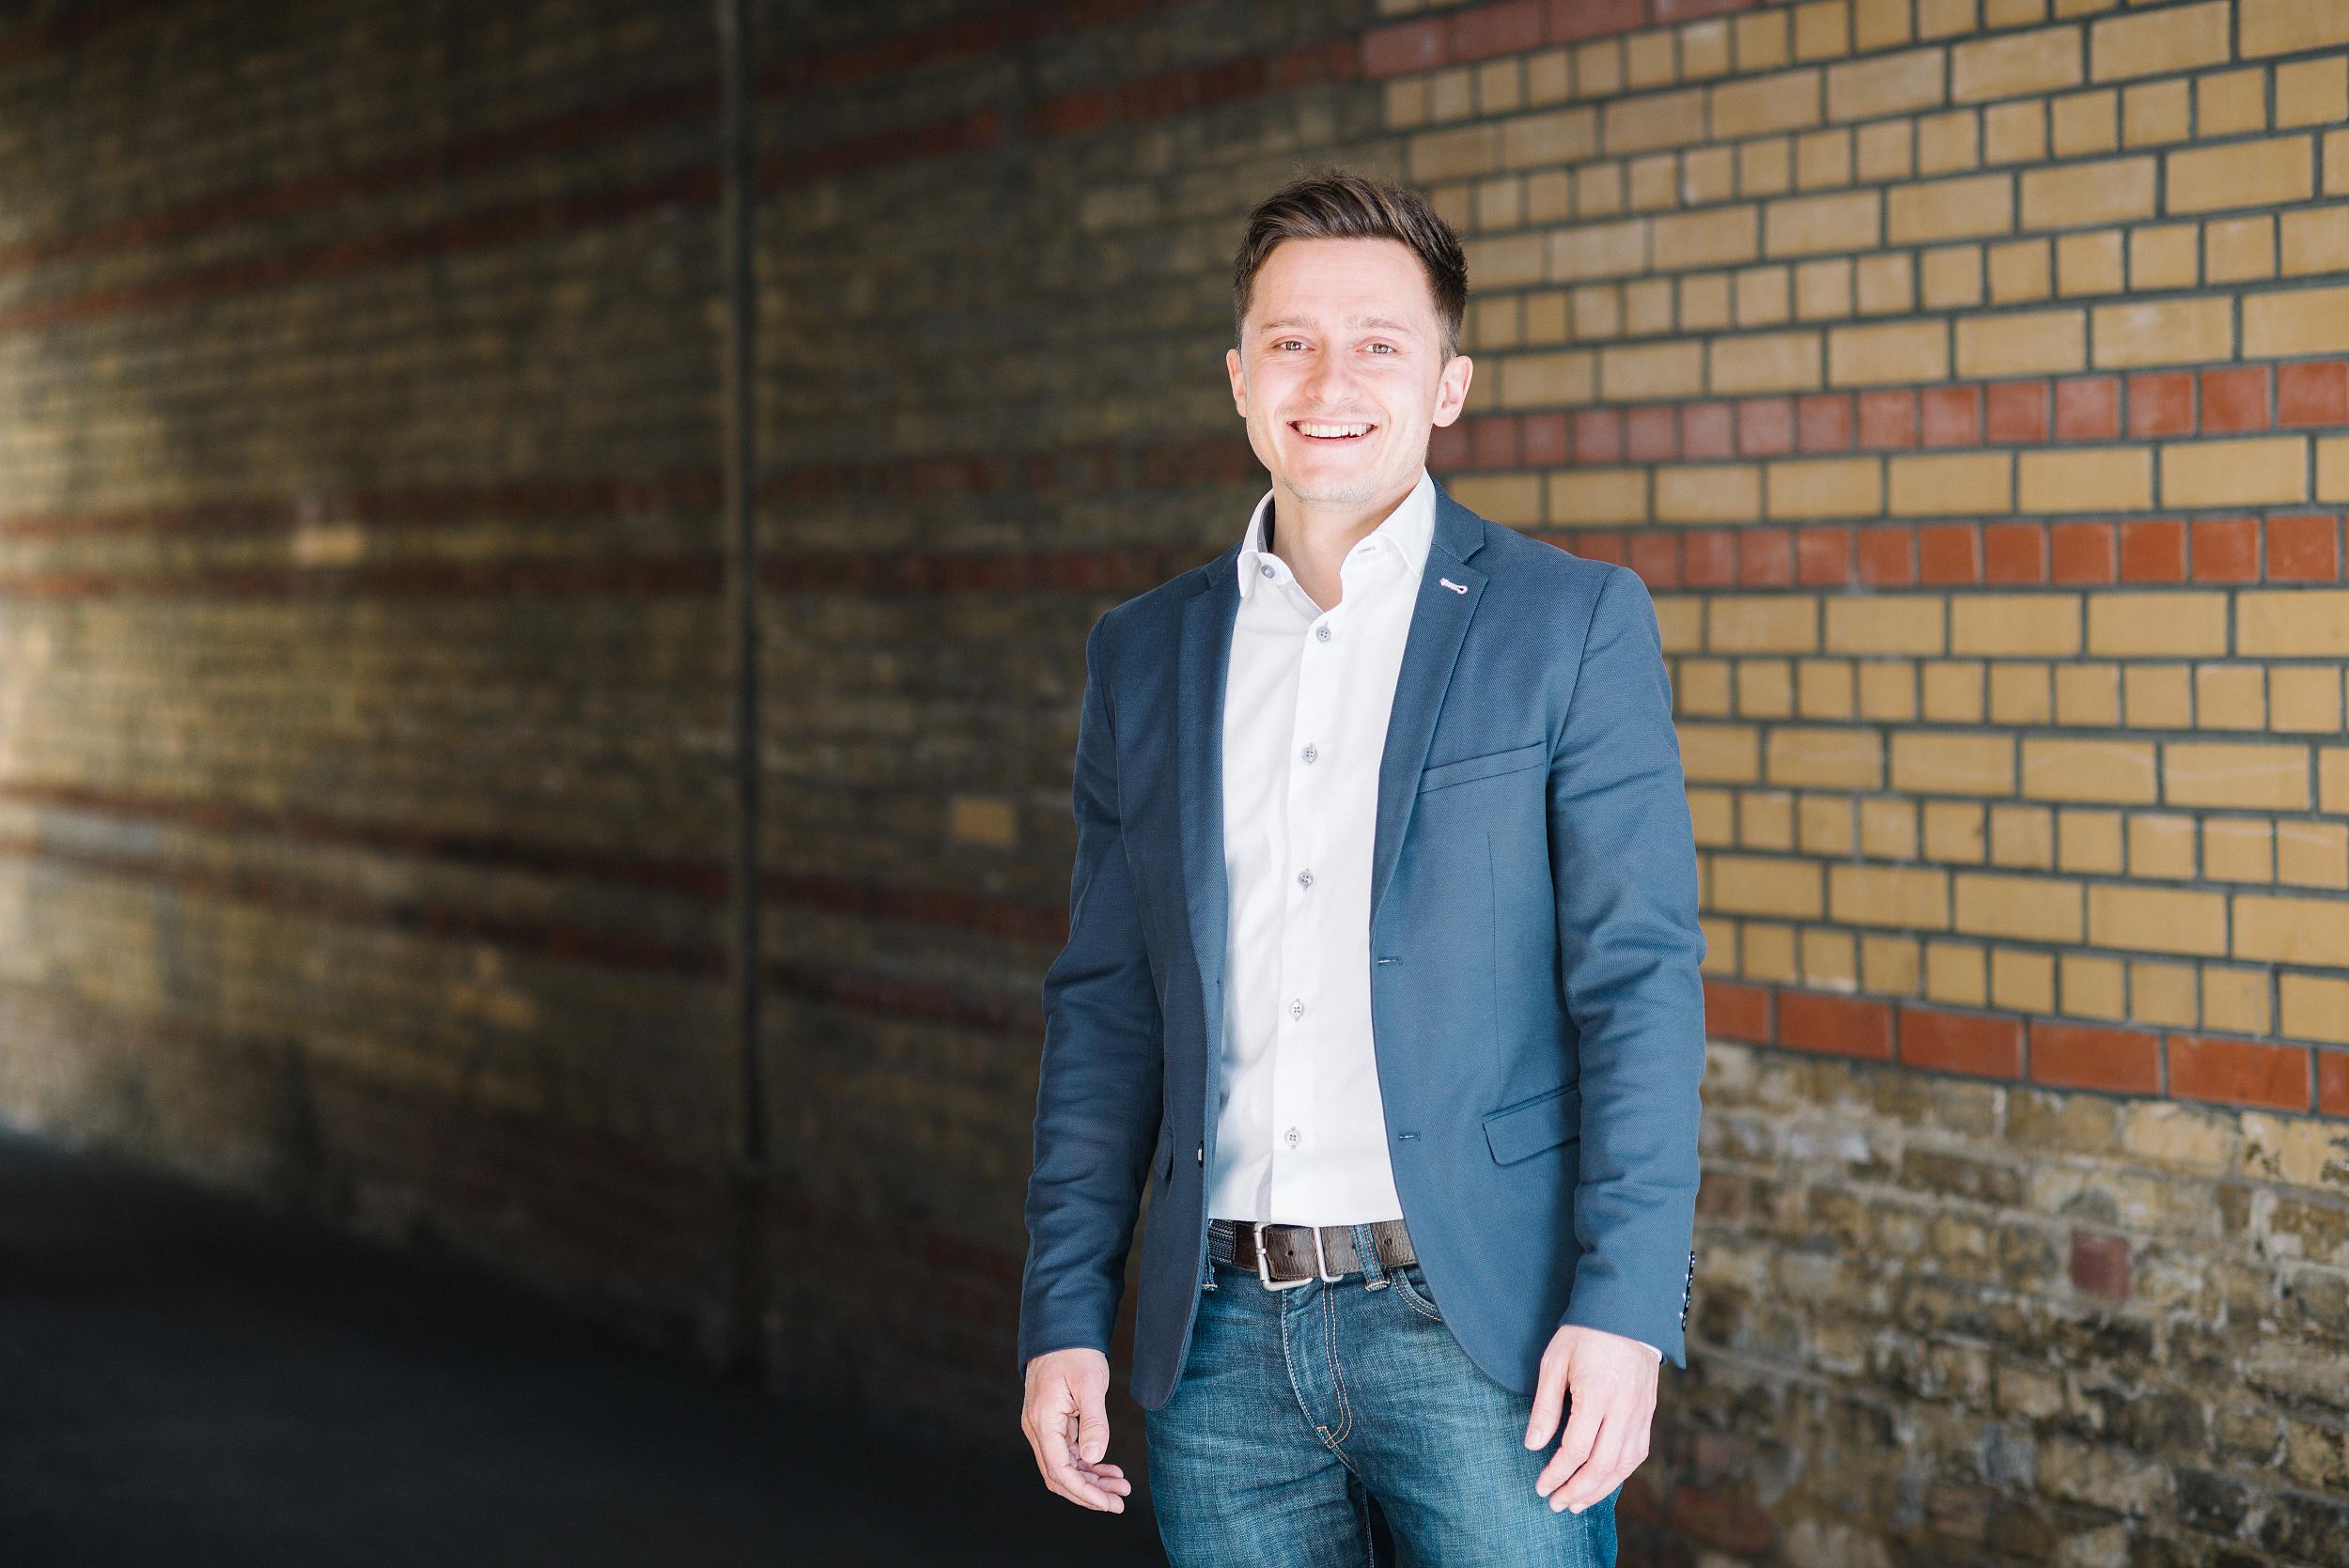 Companisto stellt sich vor - Robert Kunz | Companisto Blog